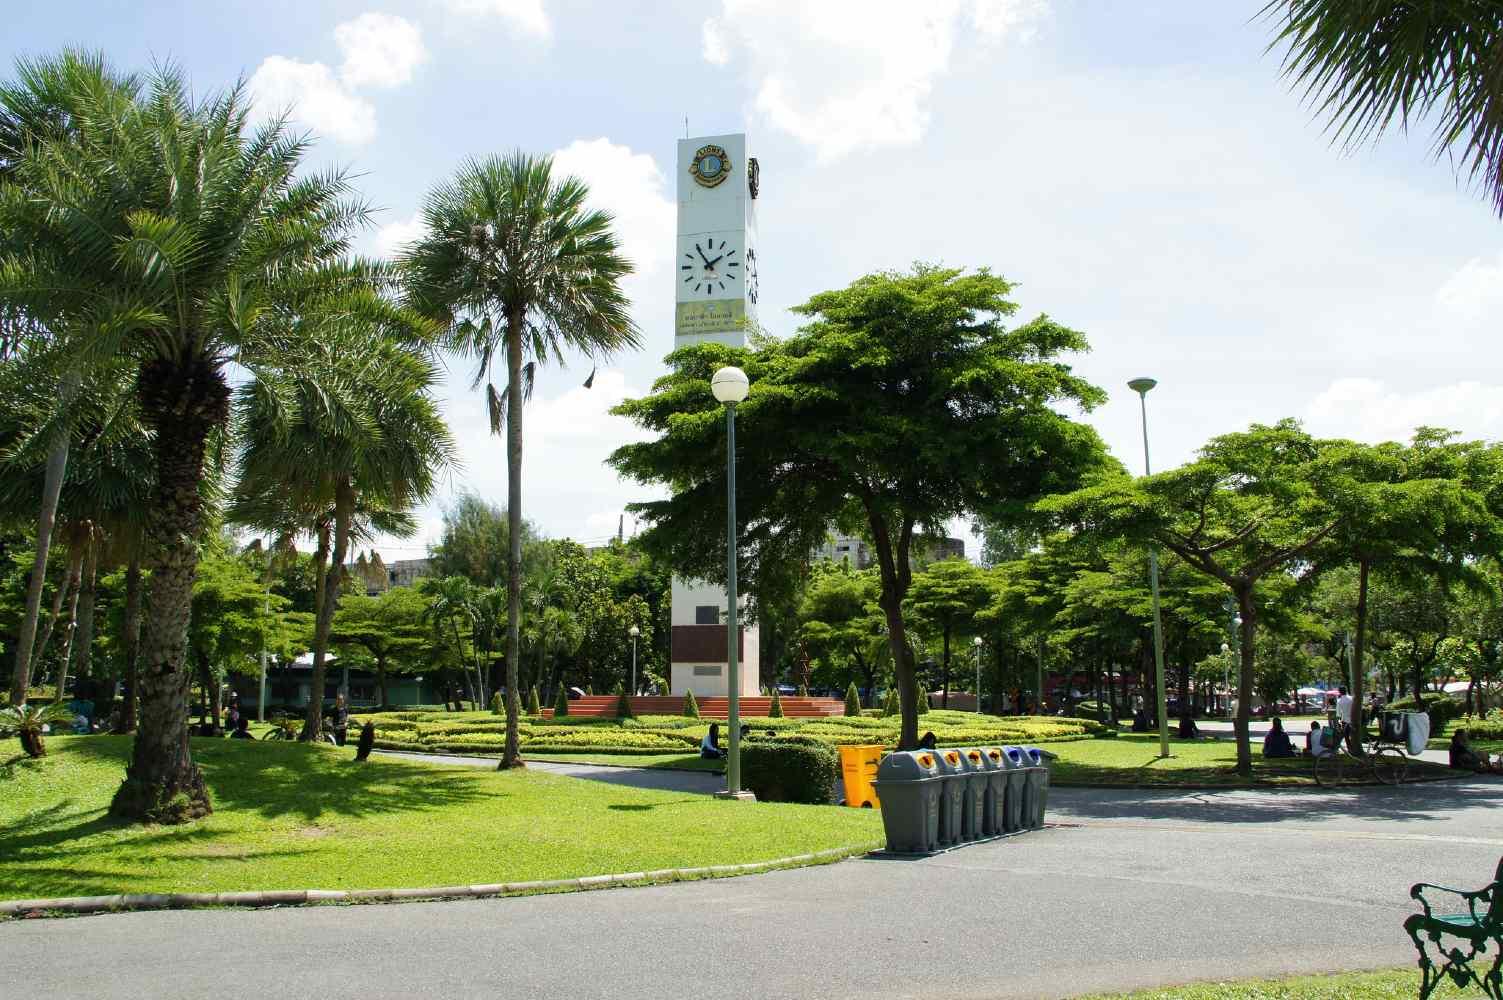 The clock tower at Chatuchak Park in Bangkok